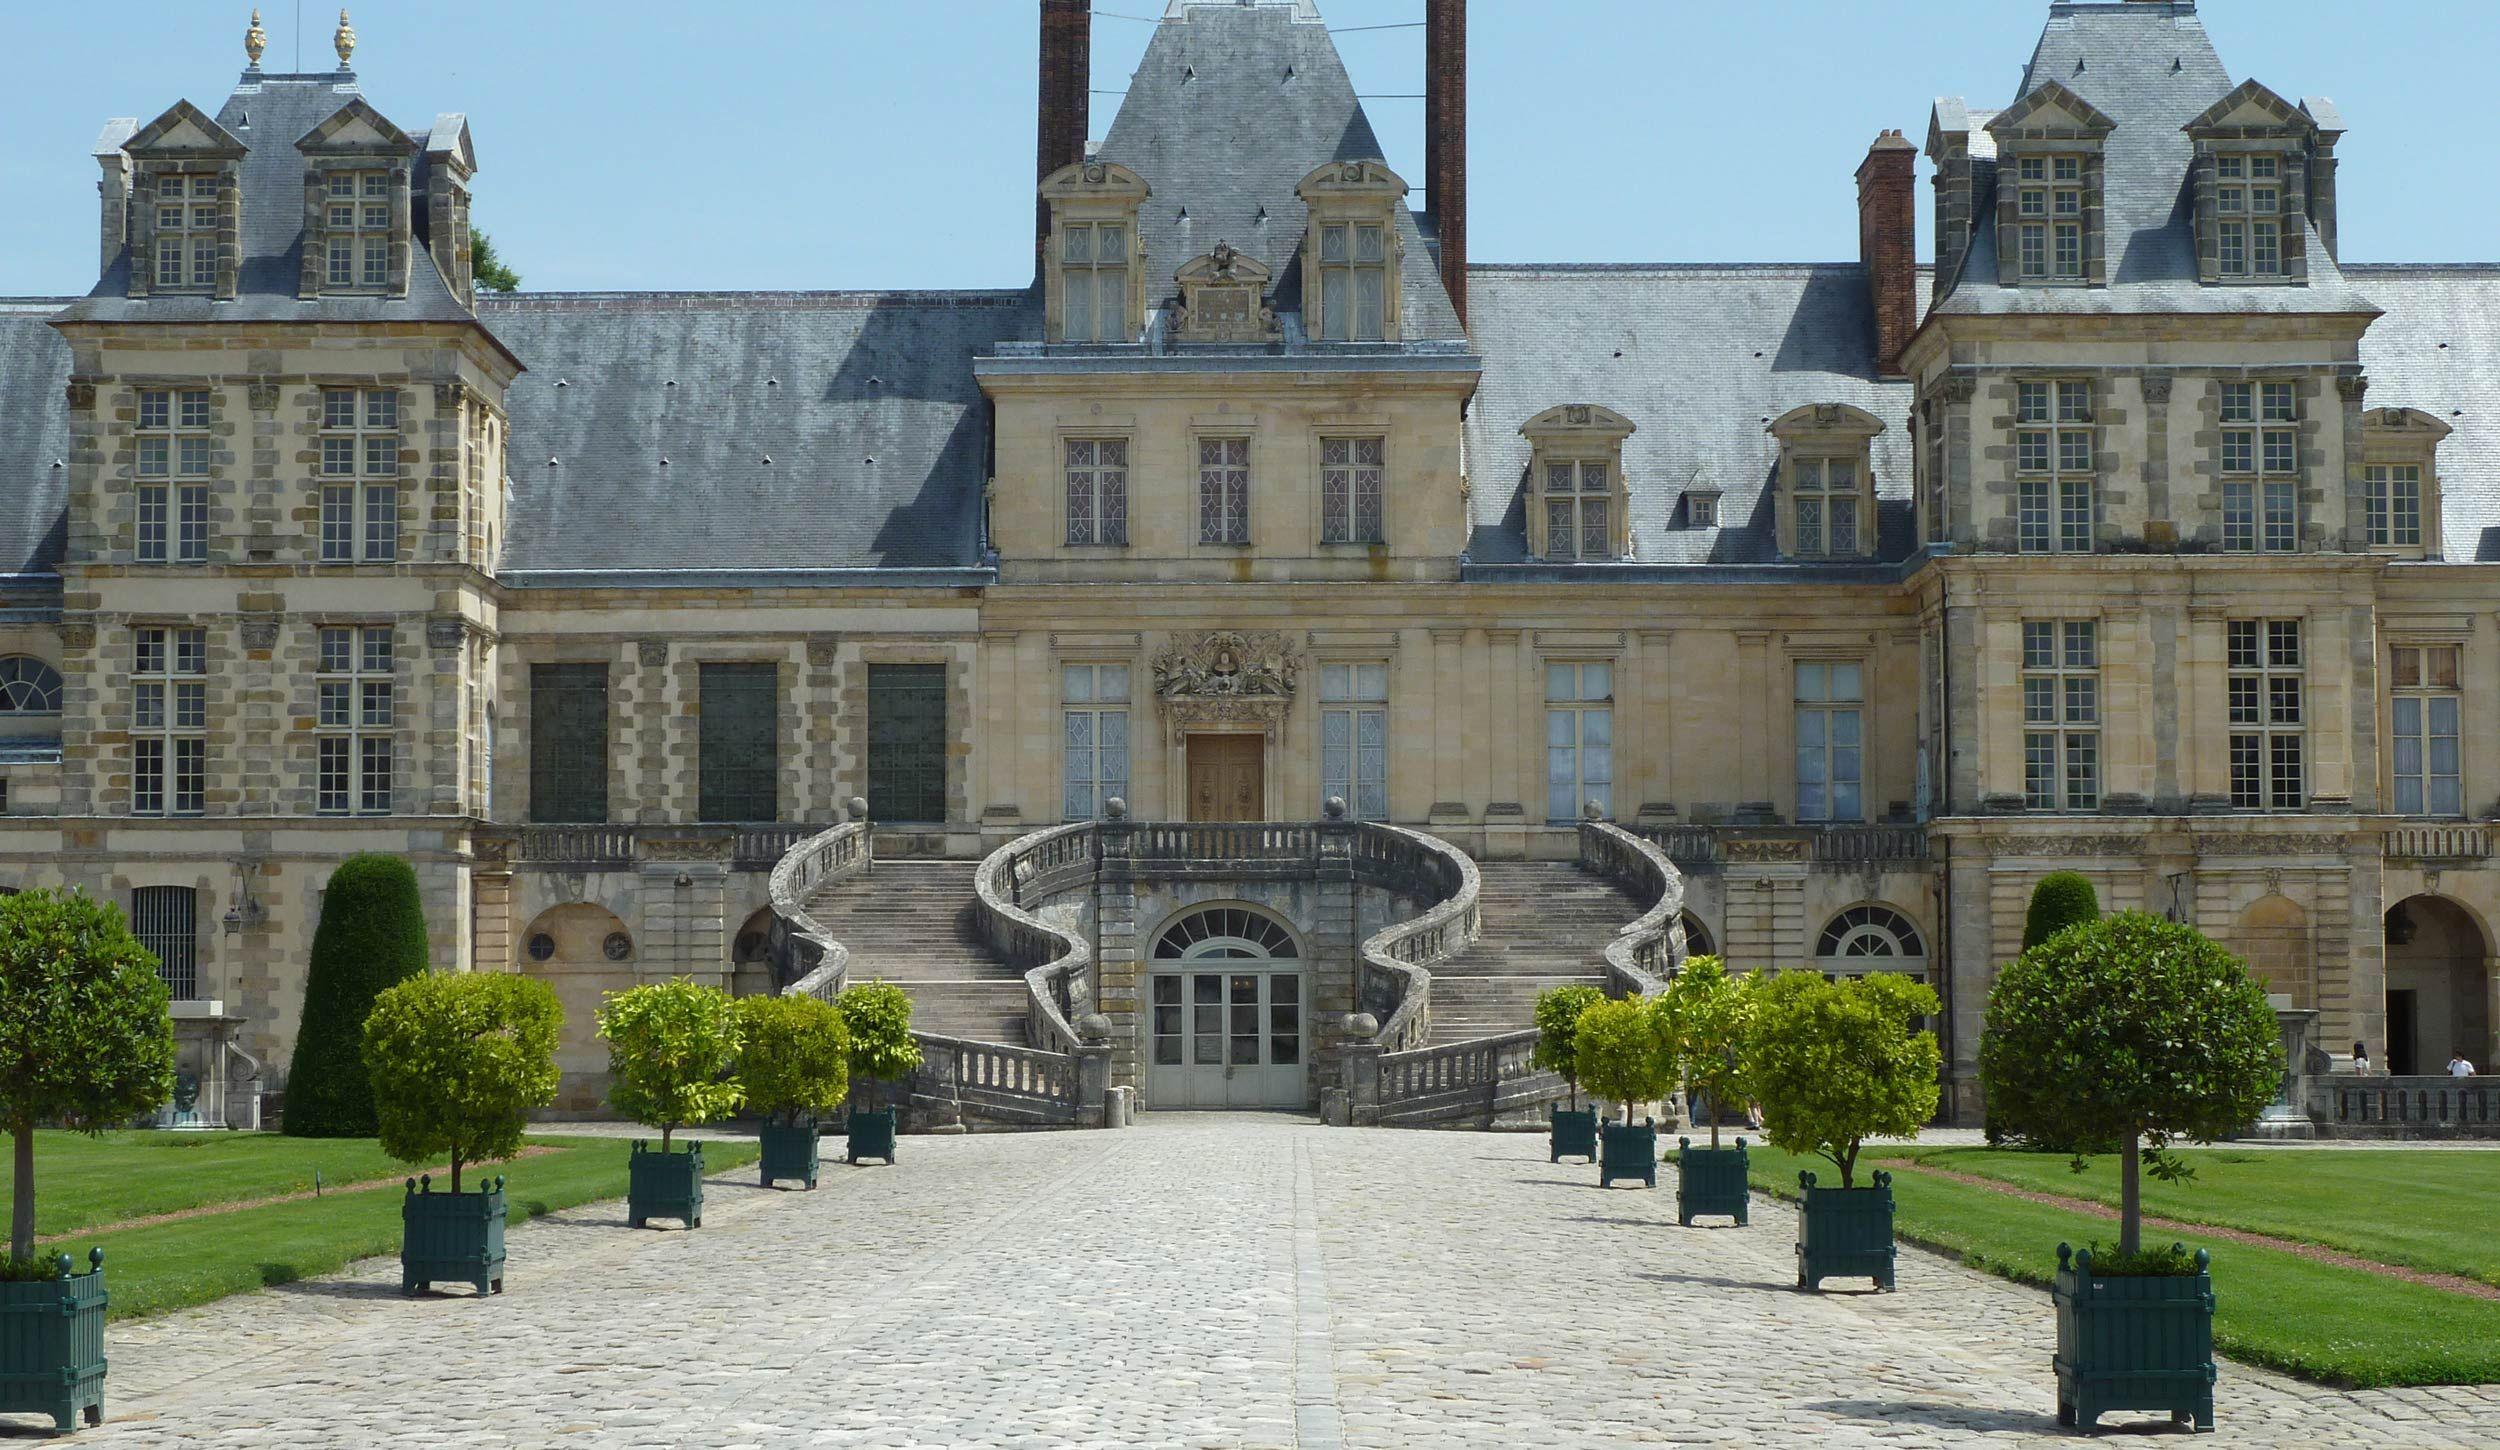 En Images Chateau De Fontainebleau Jardin Du Roi Chateau France